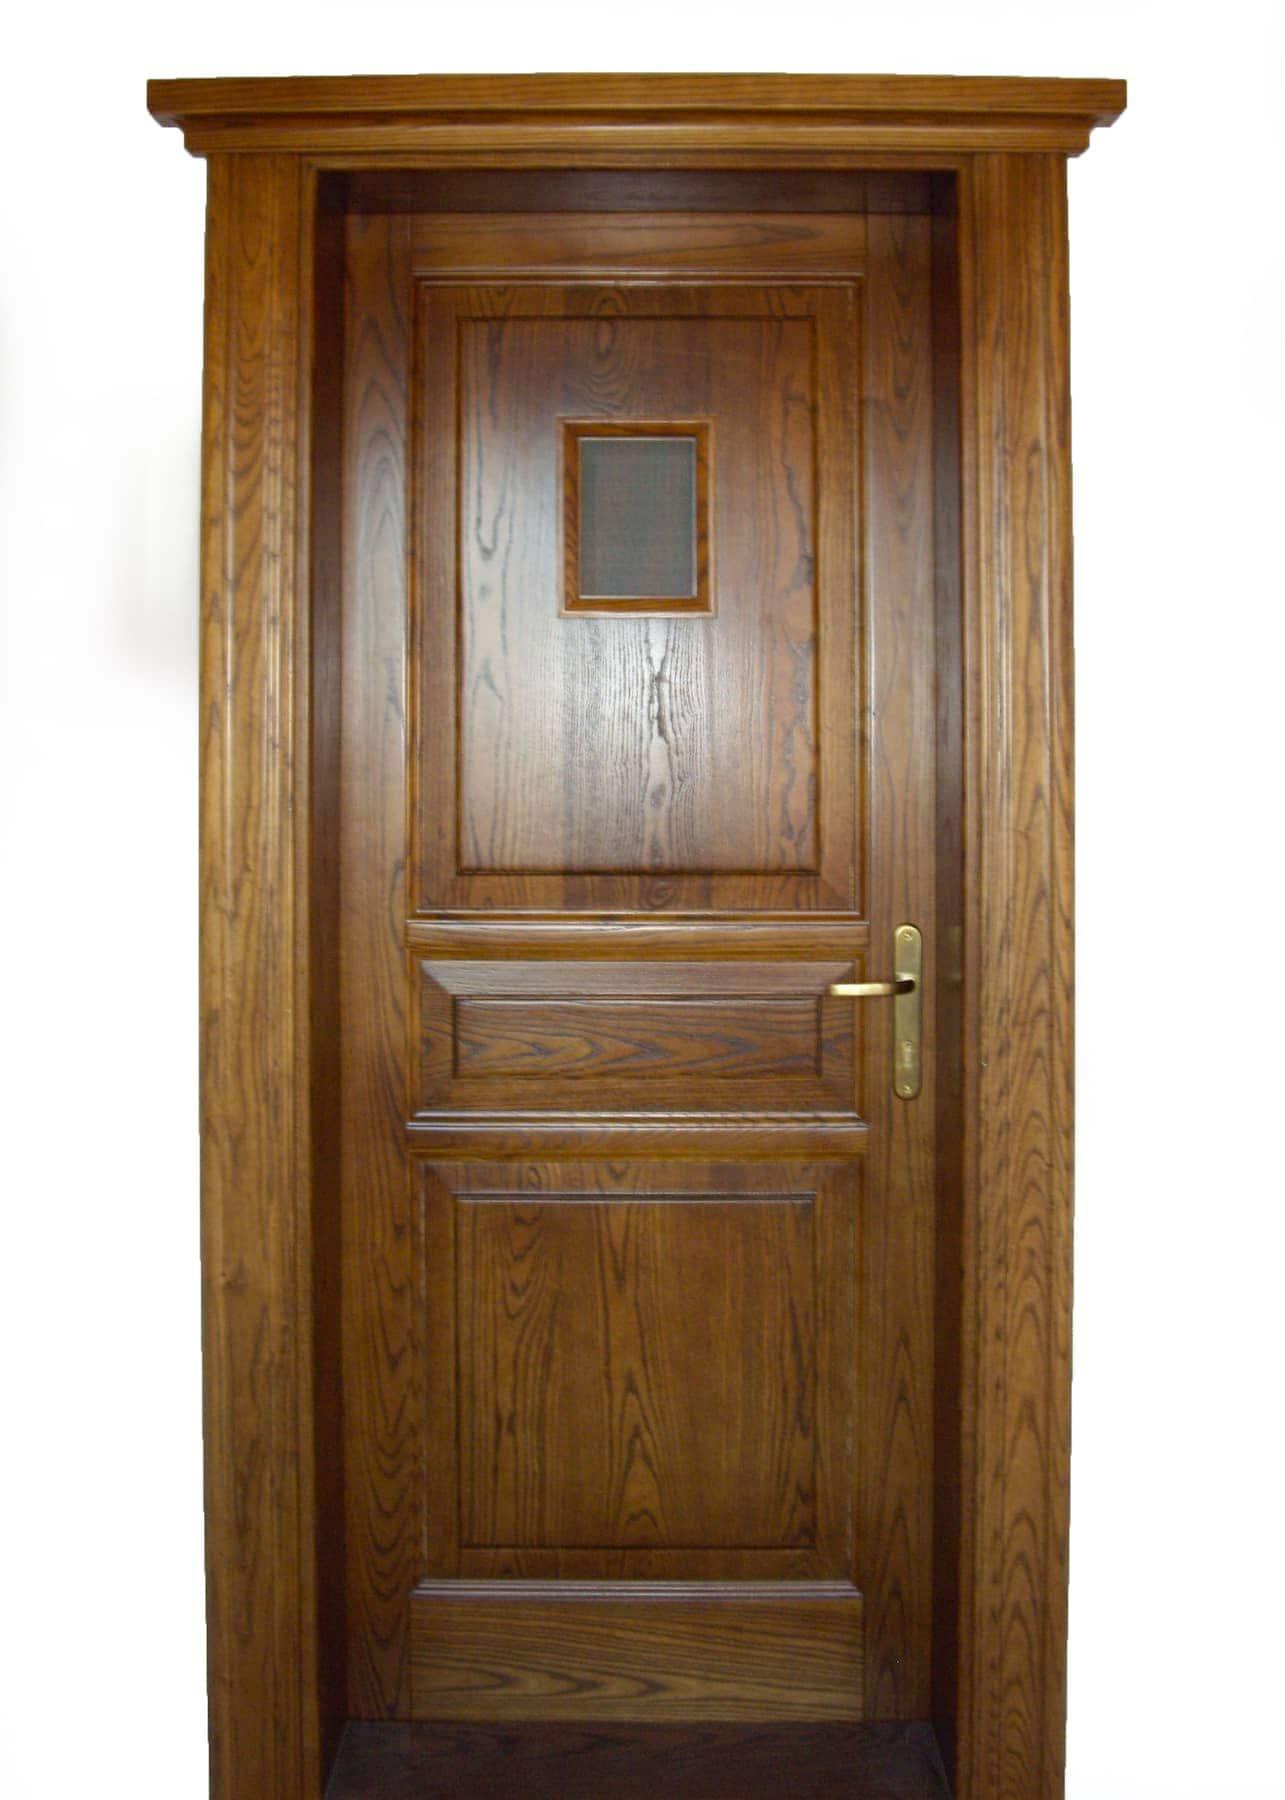 ξύλινη πόρτα με τζαμάκι στον επάνω ταμπλά